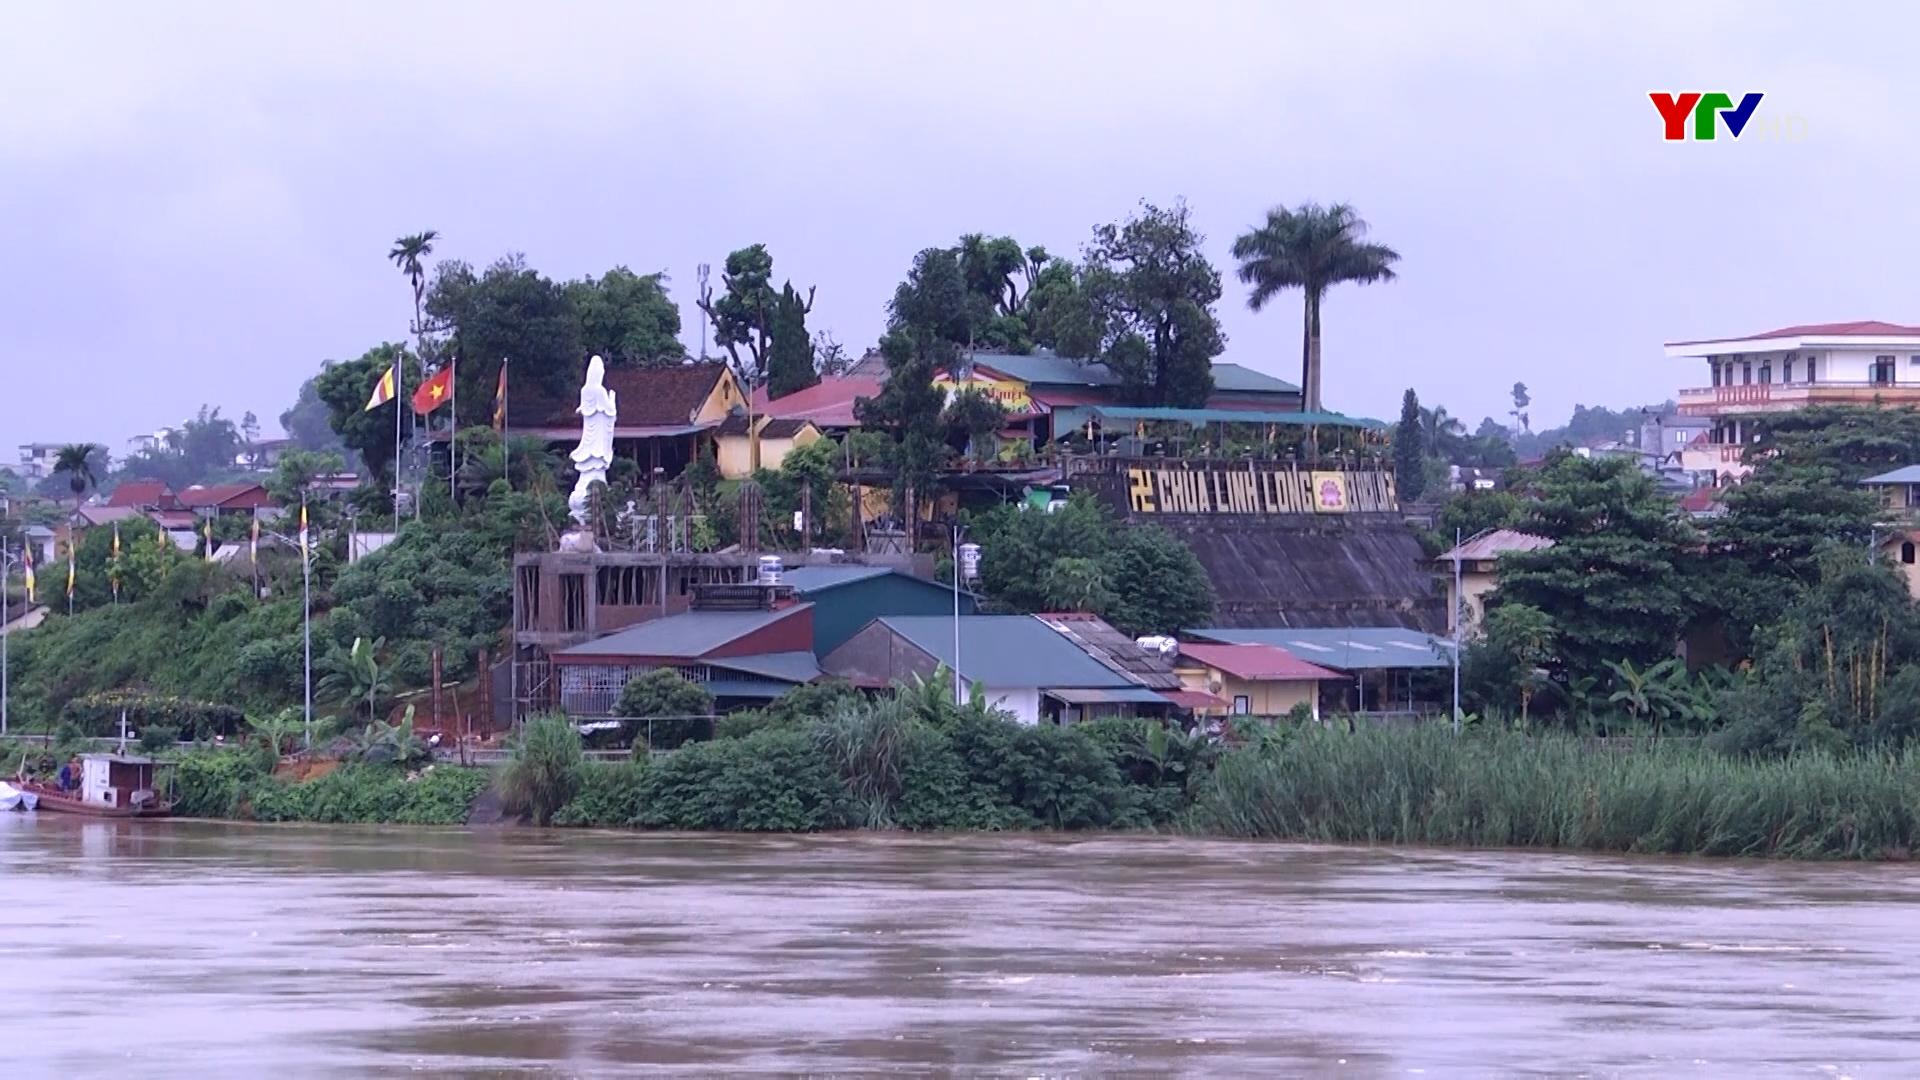 Lũ sông Thao tại Yên Bái lên cao cảnh báo lũ quét và sạt lở đất